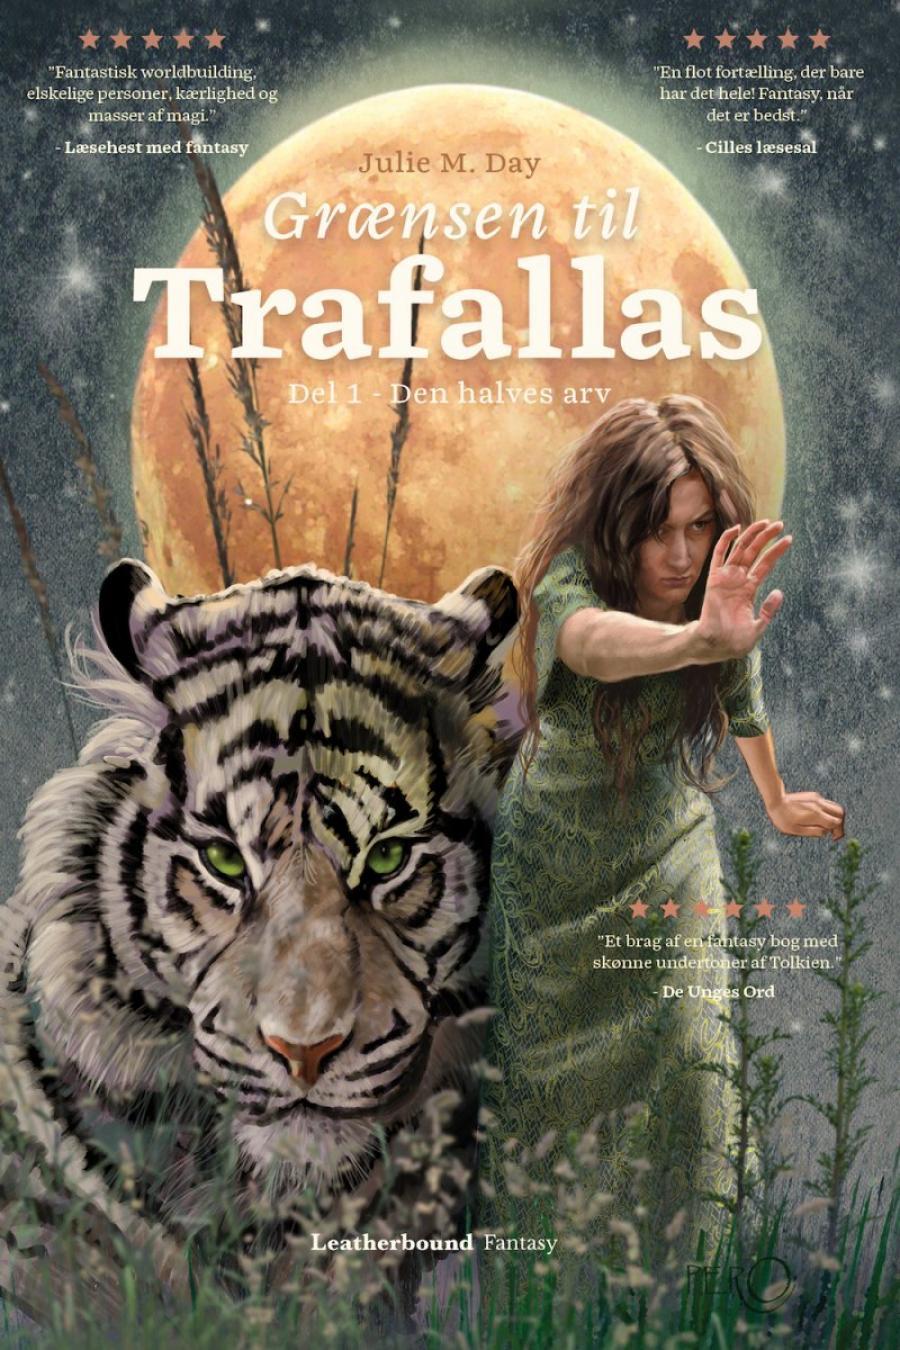 Billede af bogen Grænsen til Trafallas bind 1 Den halves arv